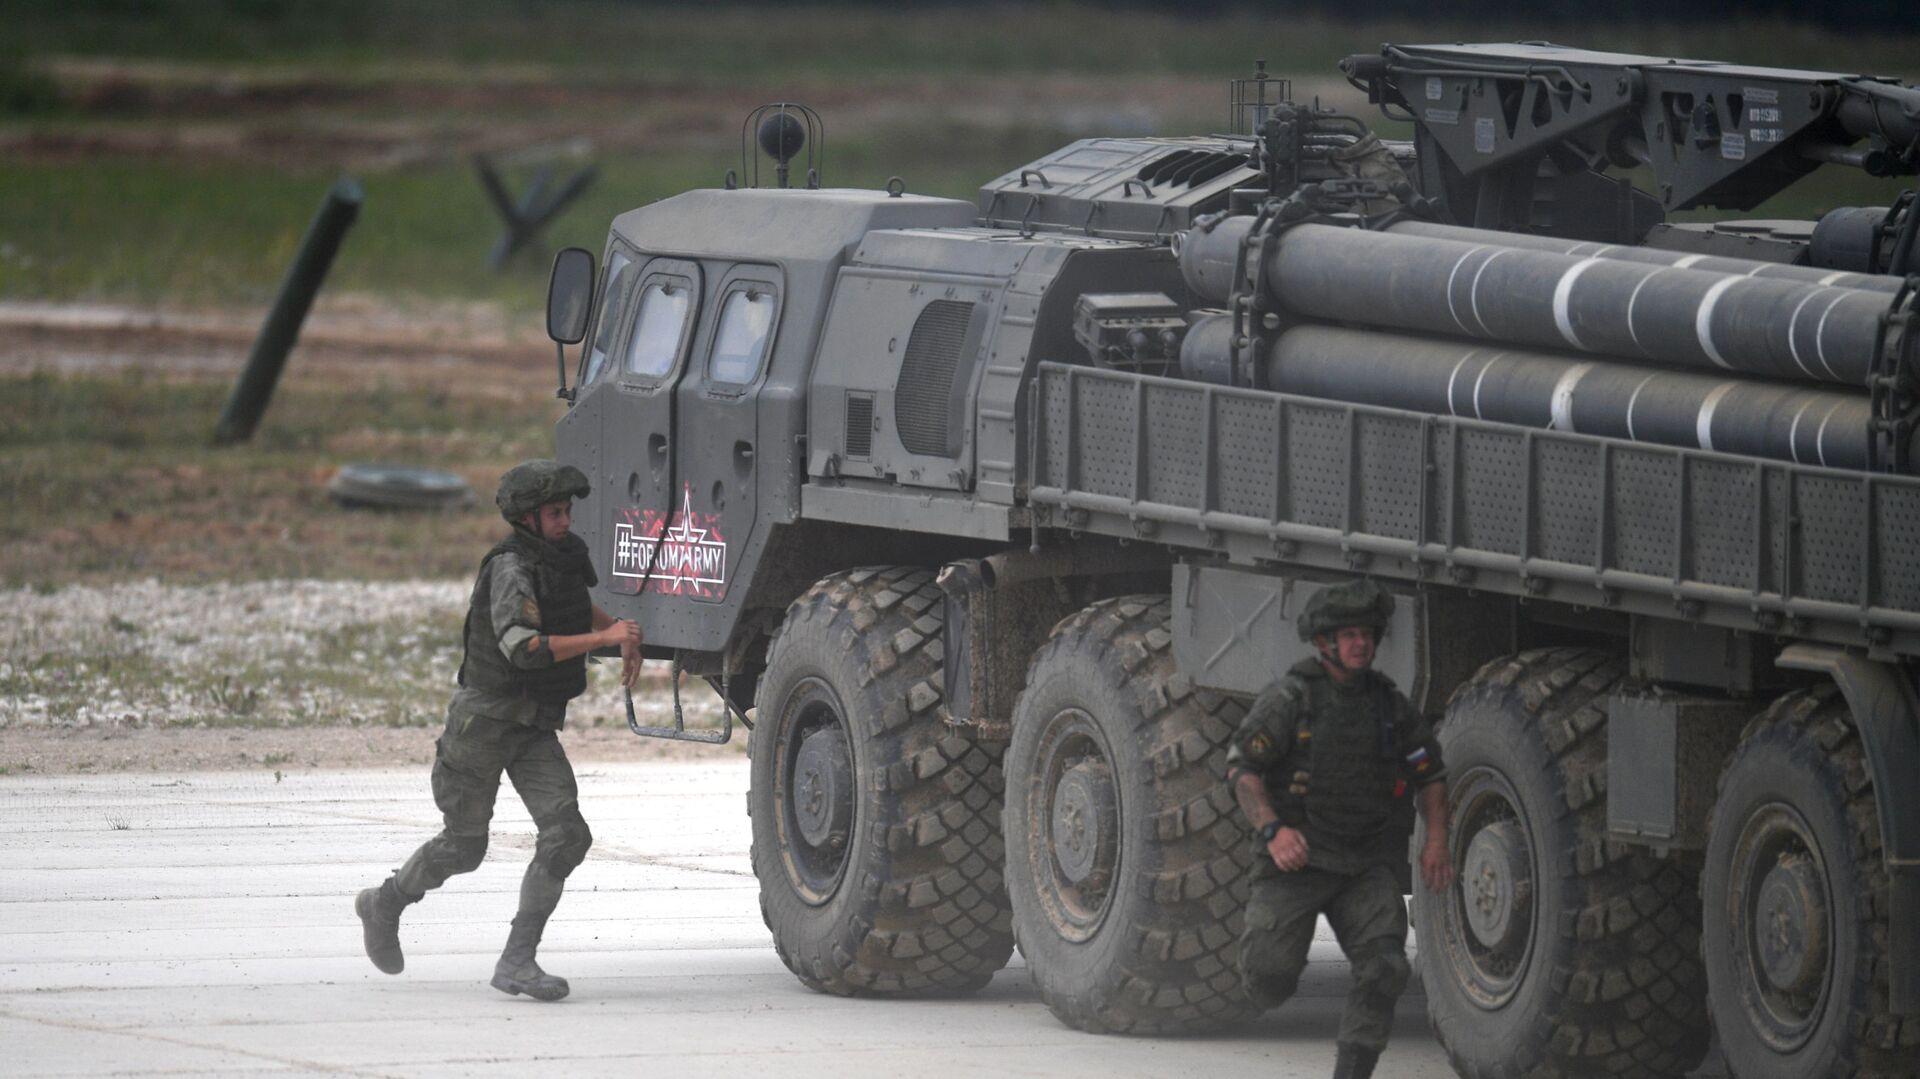 Reaktivní systém Smerč se 300mm střelami na mezinárodním vojensko-technickém fóru Army 2019 - Sputnik Česká republika, 1920, 29.05.2021